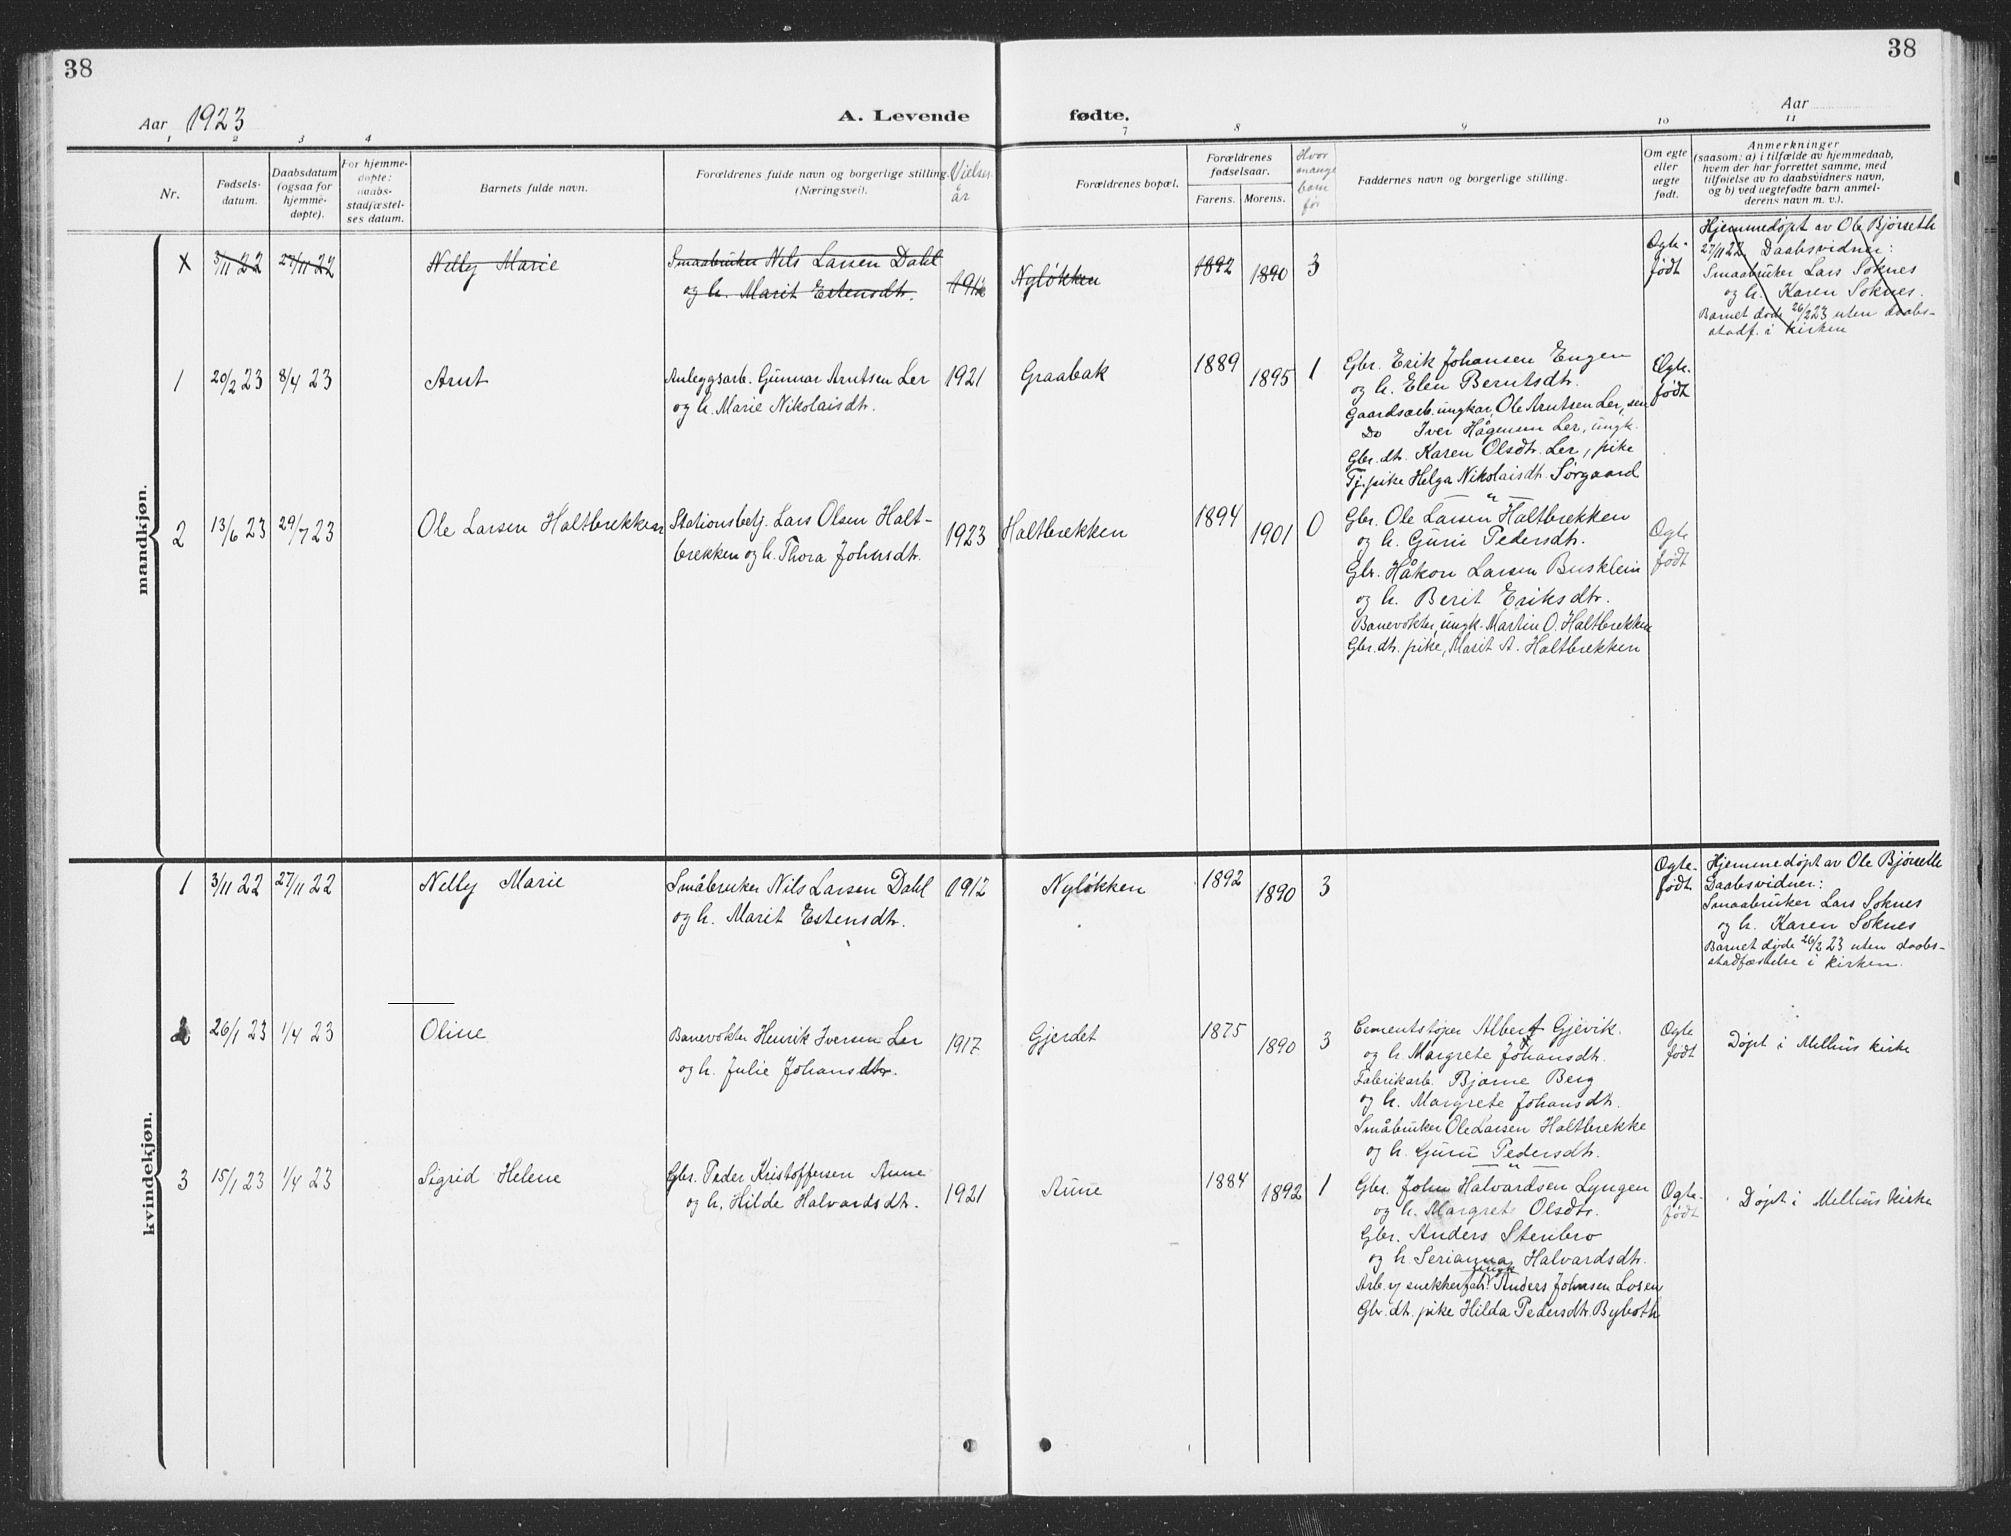 SAT, Ministerialprotokoller, klokkerbøker og fødselsregistre - Sør-Trøndelag, 693/L1124: Klokkerbok nr. 693C05, 1911-1941, s. 38